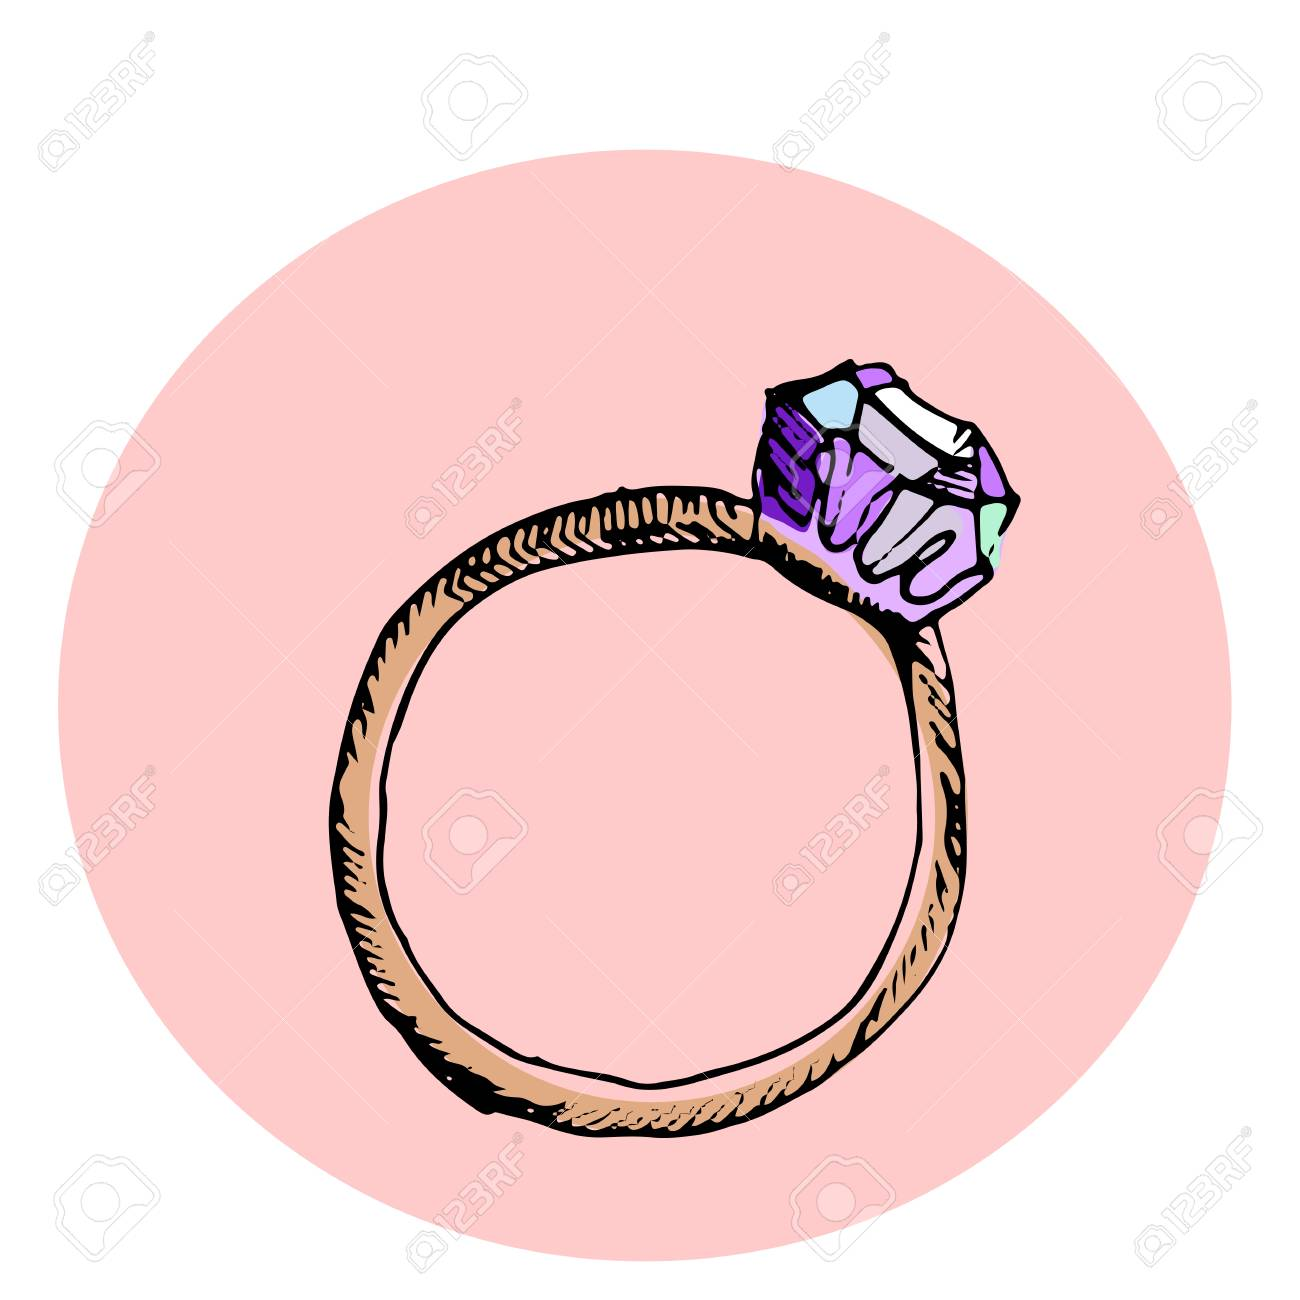 ファッションのベクター イラストですダイヤの指輪手描きのスケッチ